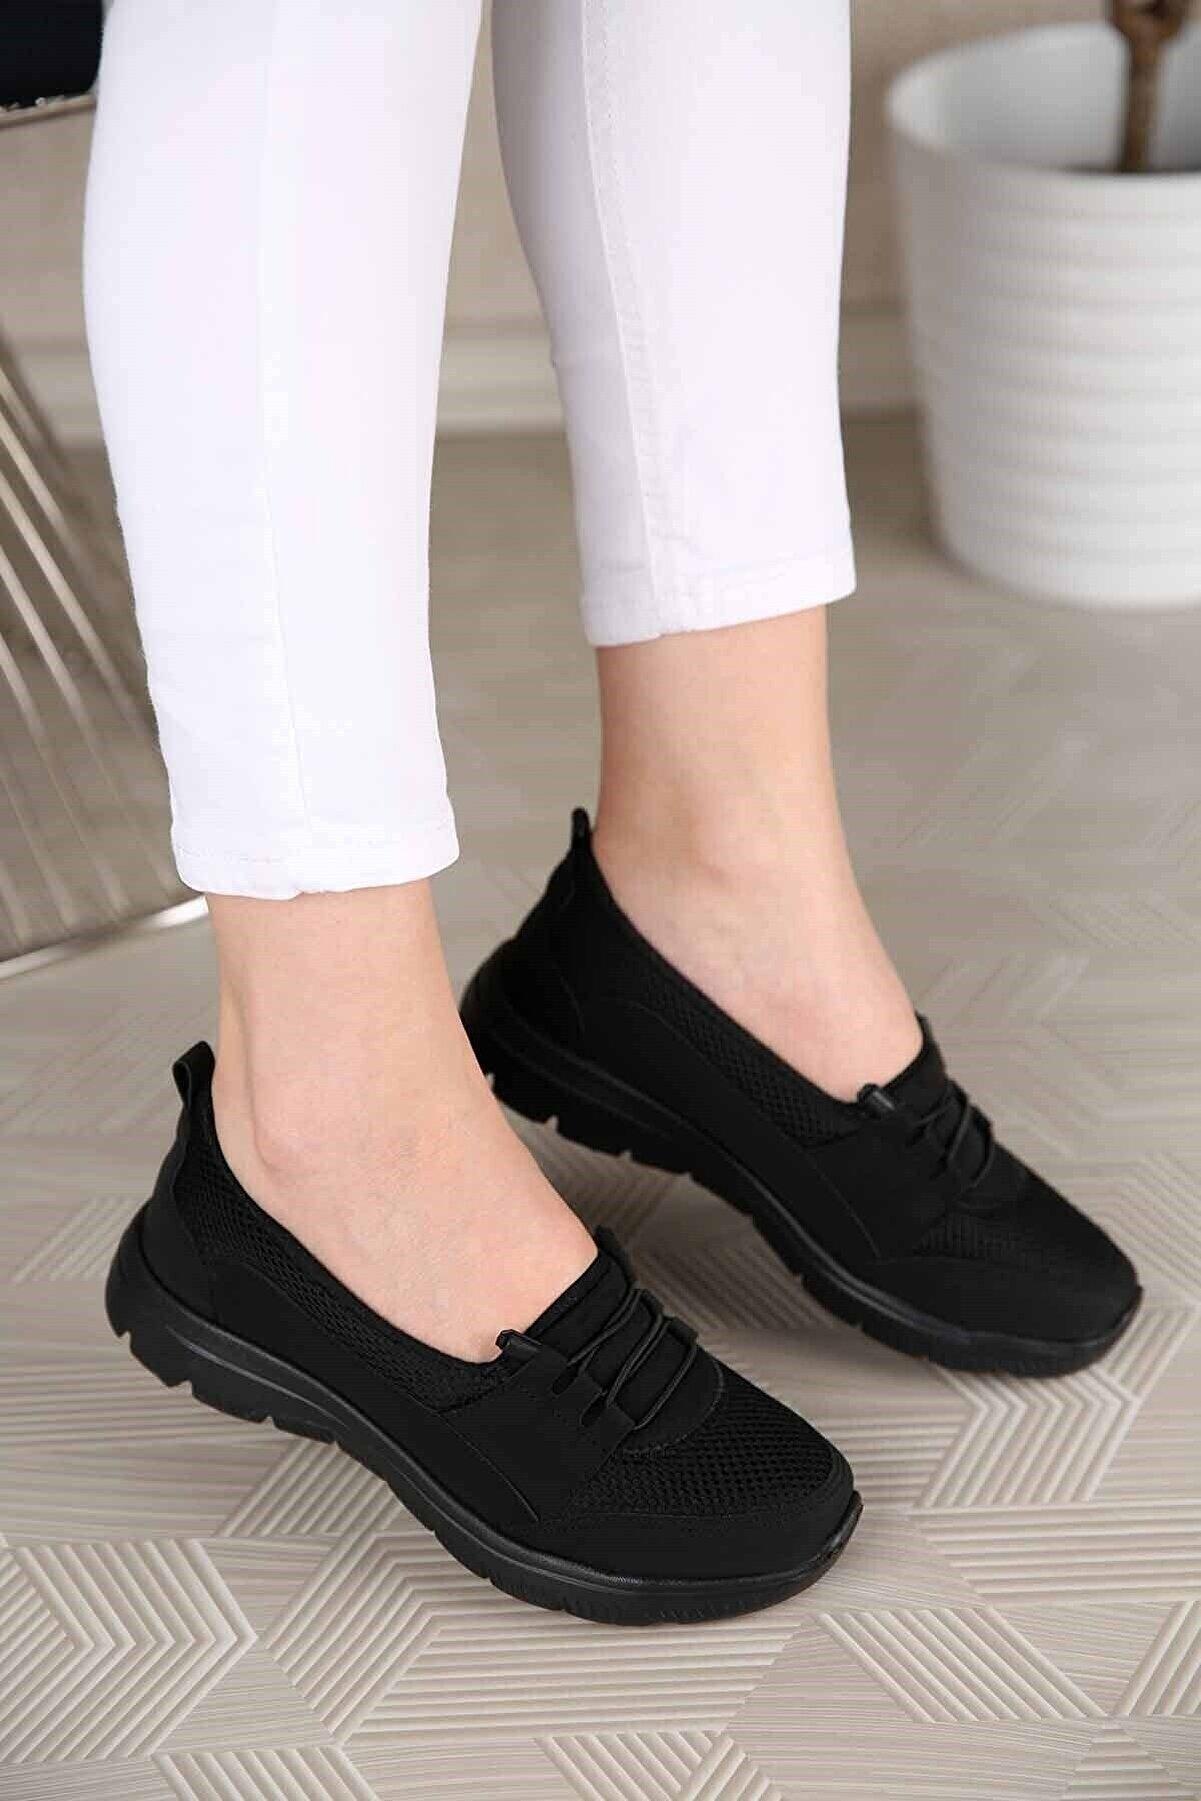 MODA SEVİLEN Kadın Siyah Zincirli Kalın Kabanlı Loafer Ayakkabı